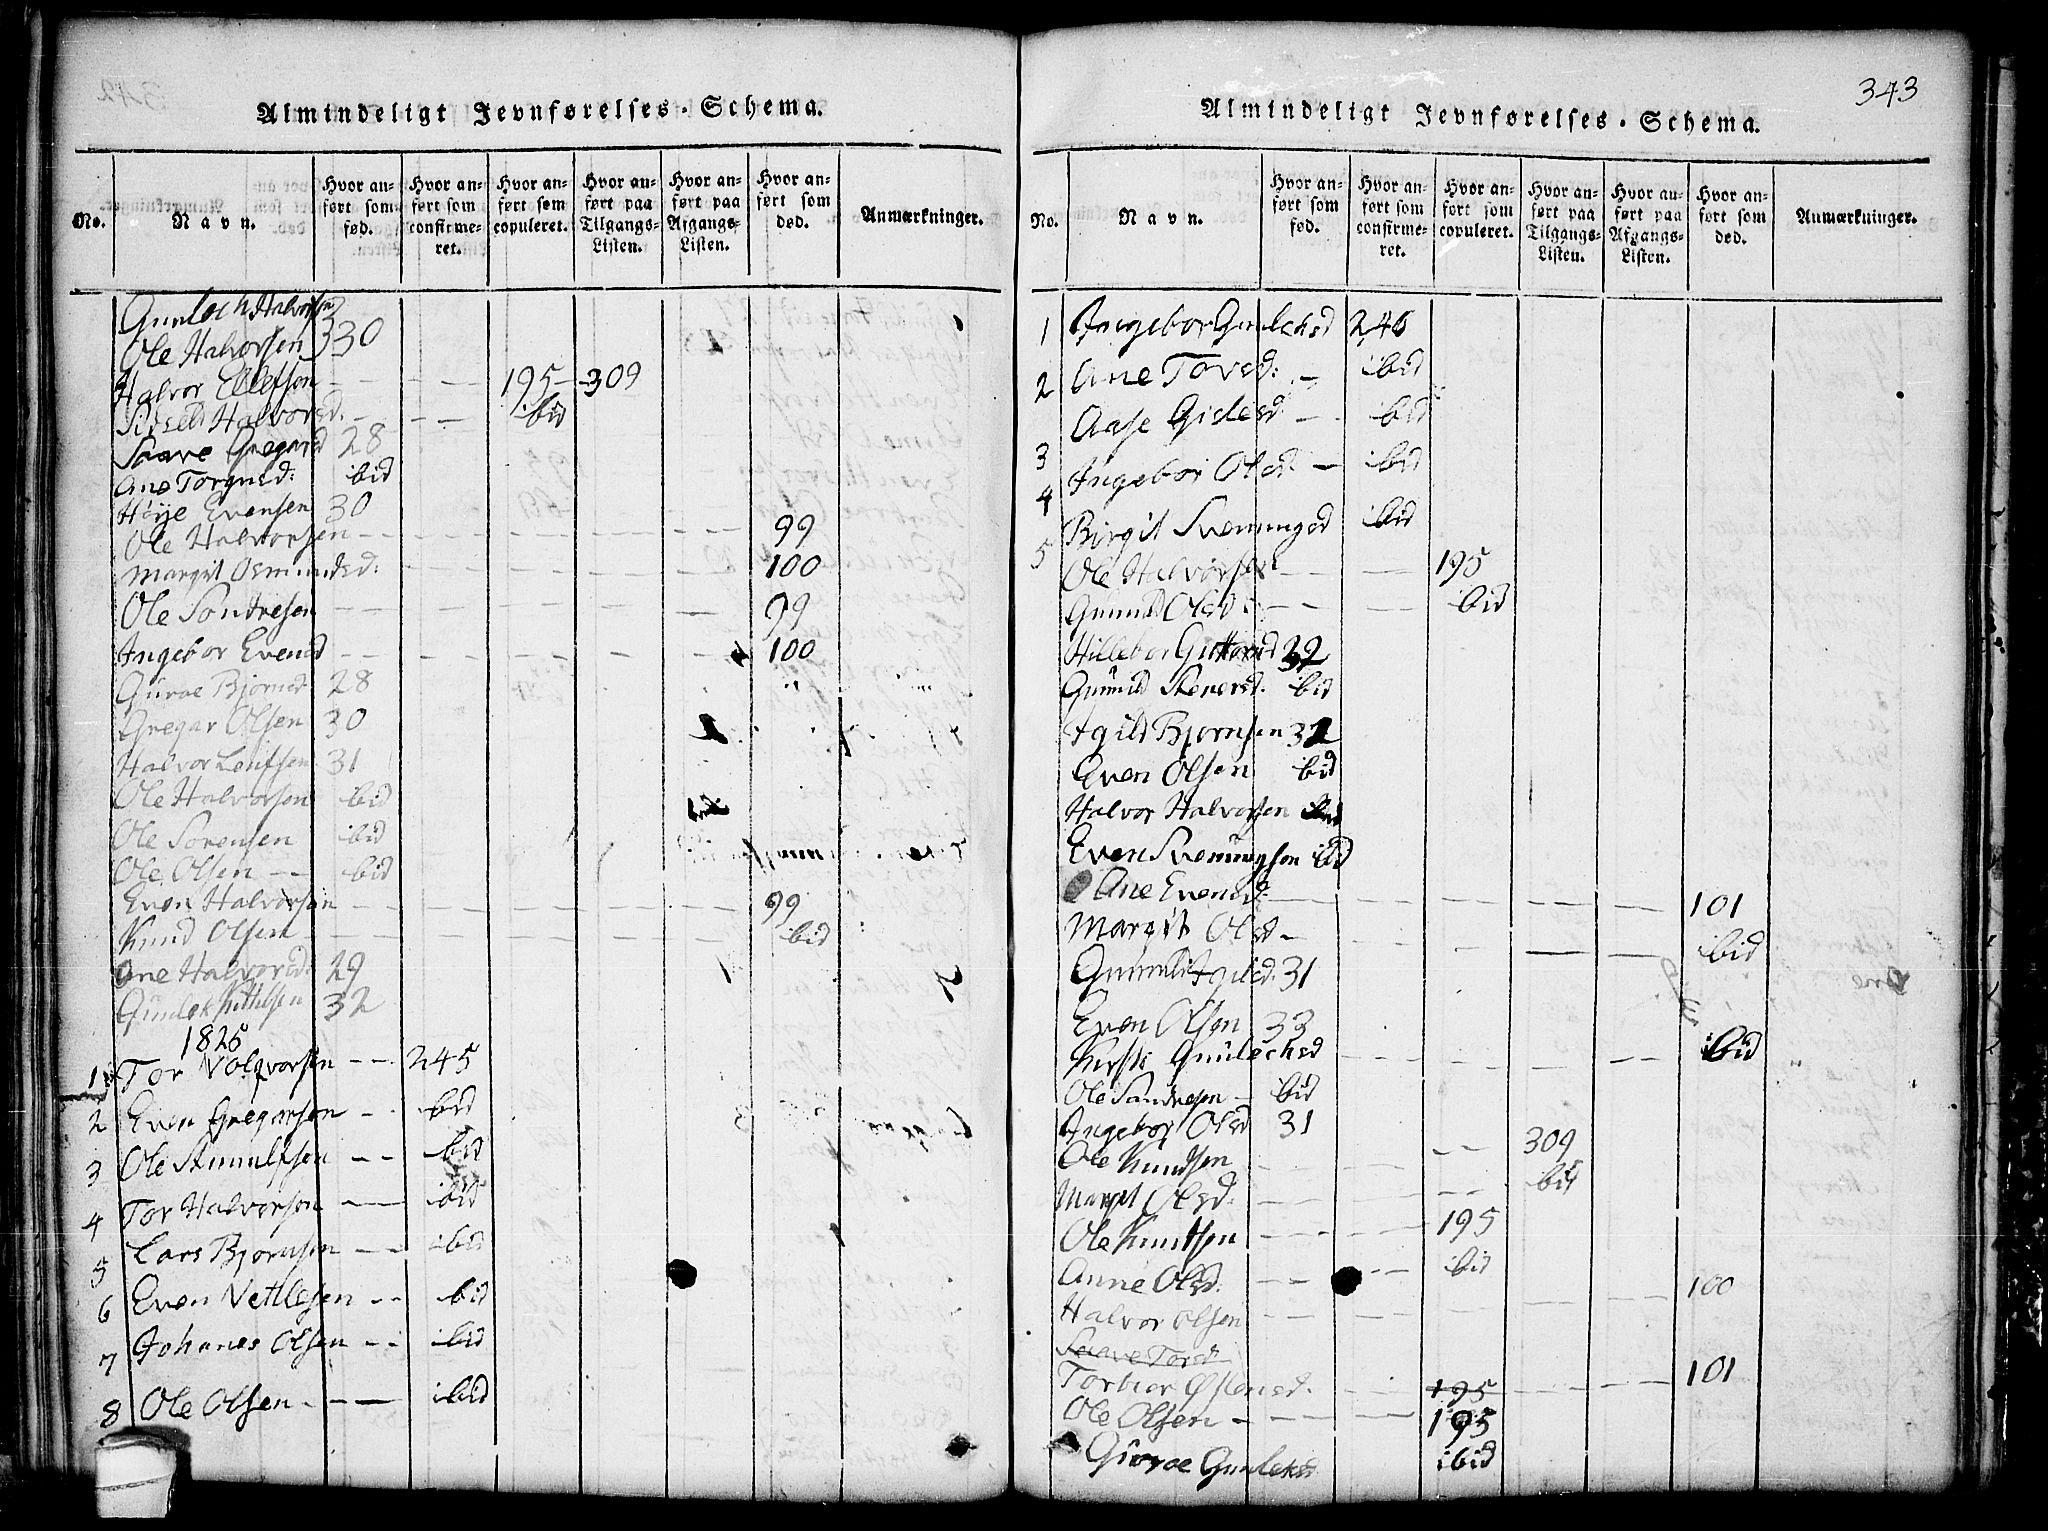 SAKO, Seljord kirkebøker, G/Gb/L0002: Klokkerbok nr. II 2, 1815-1854, s. 343